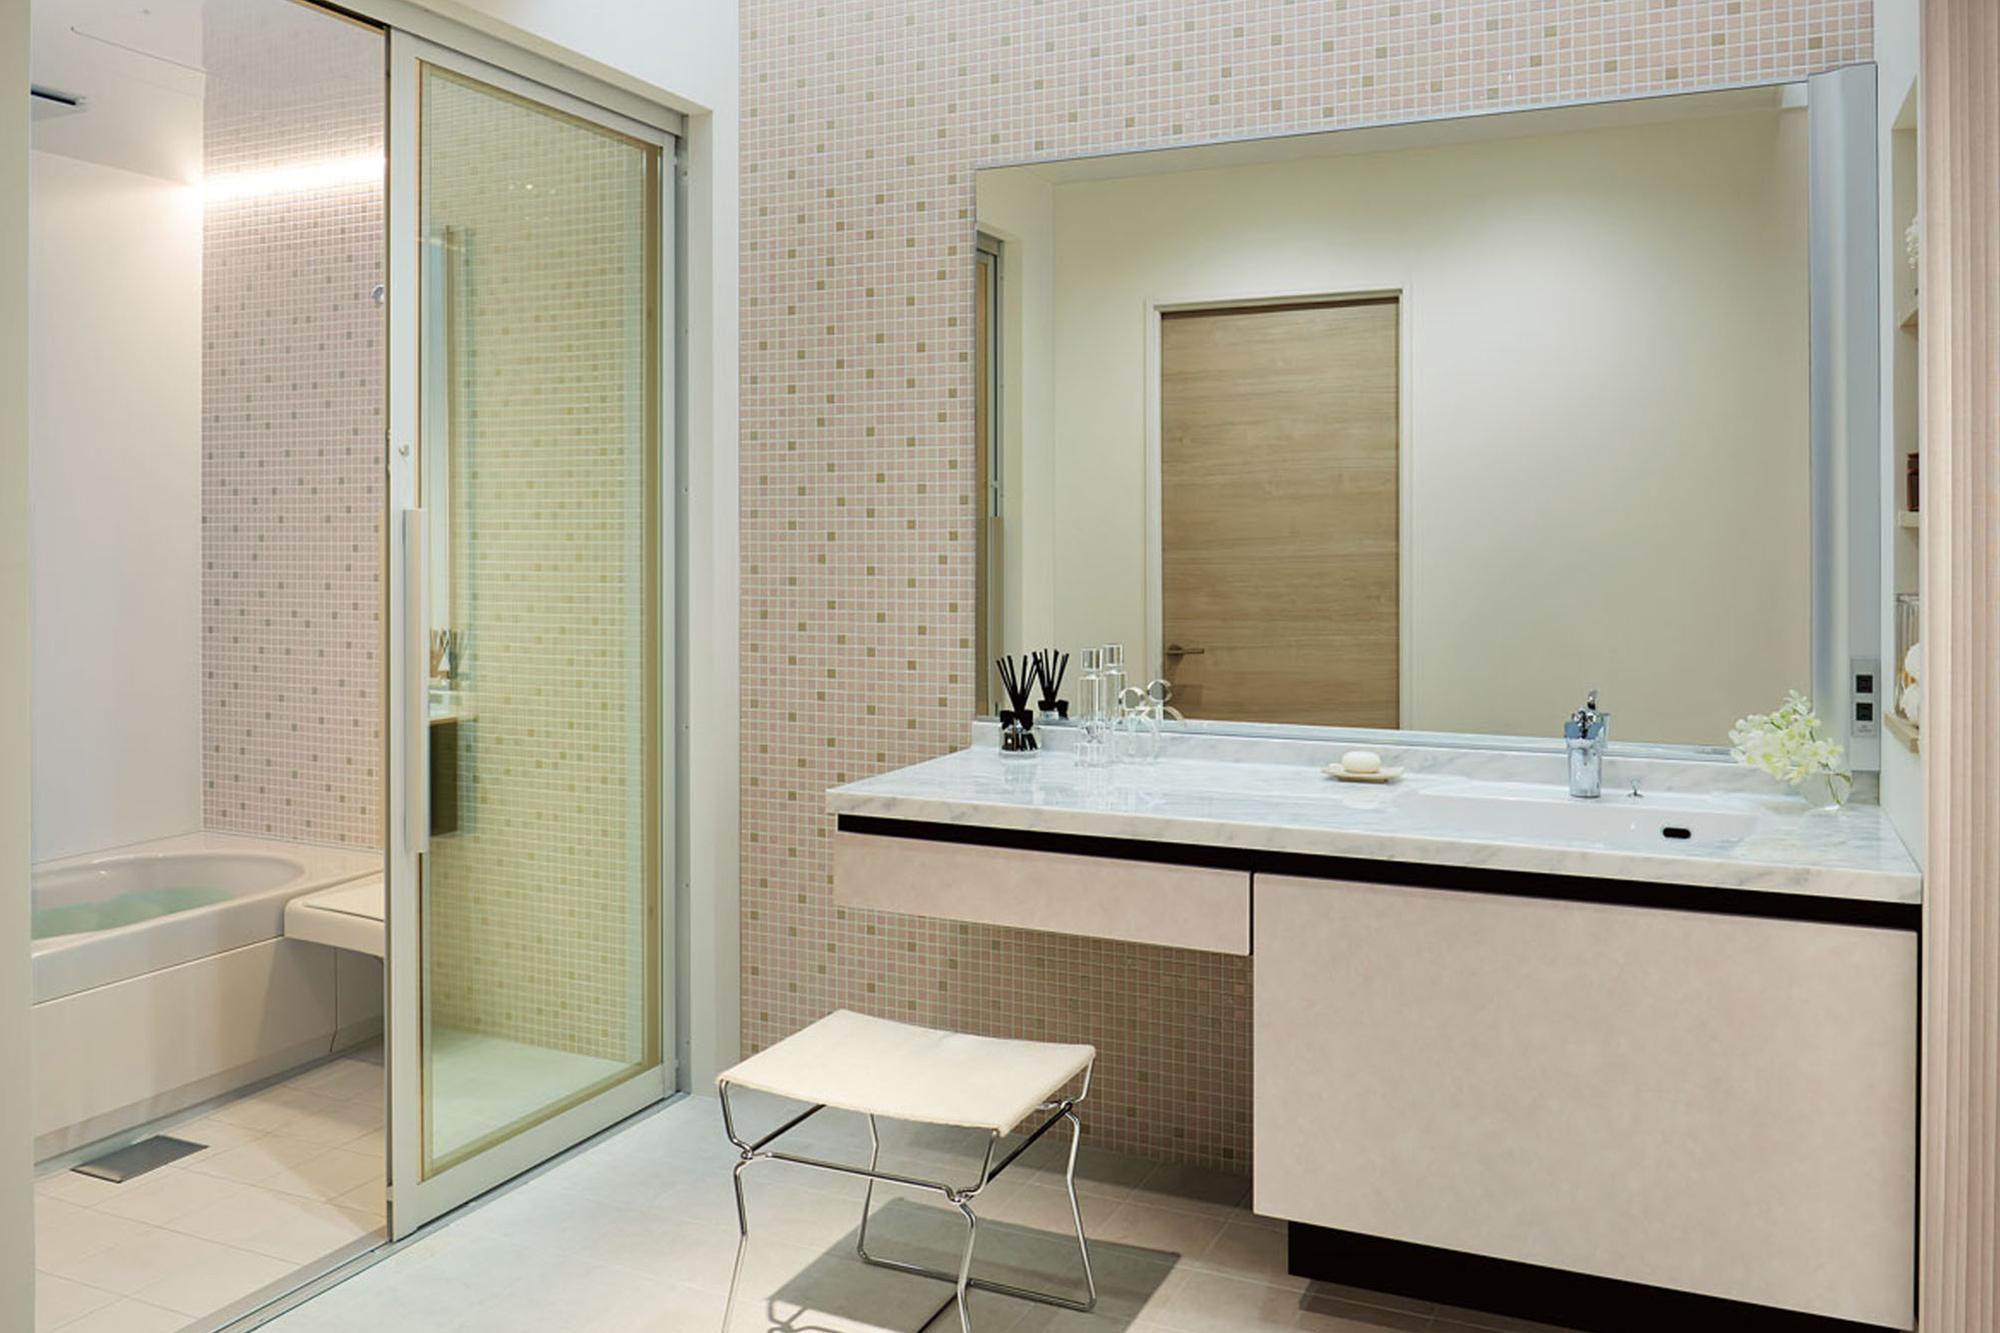 浴室と洗面脱衣室の段差を解消。